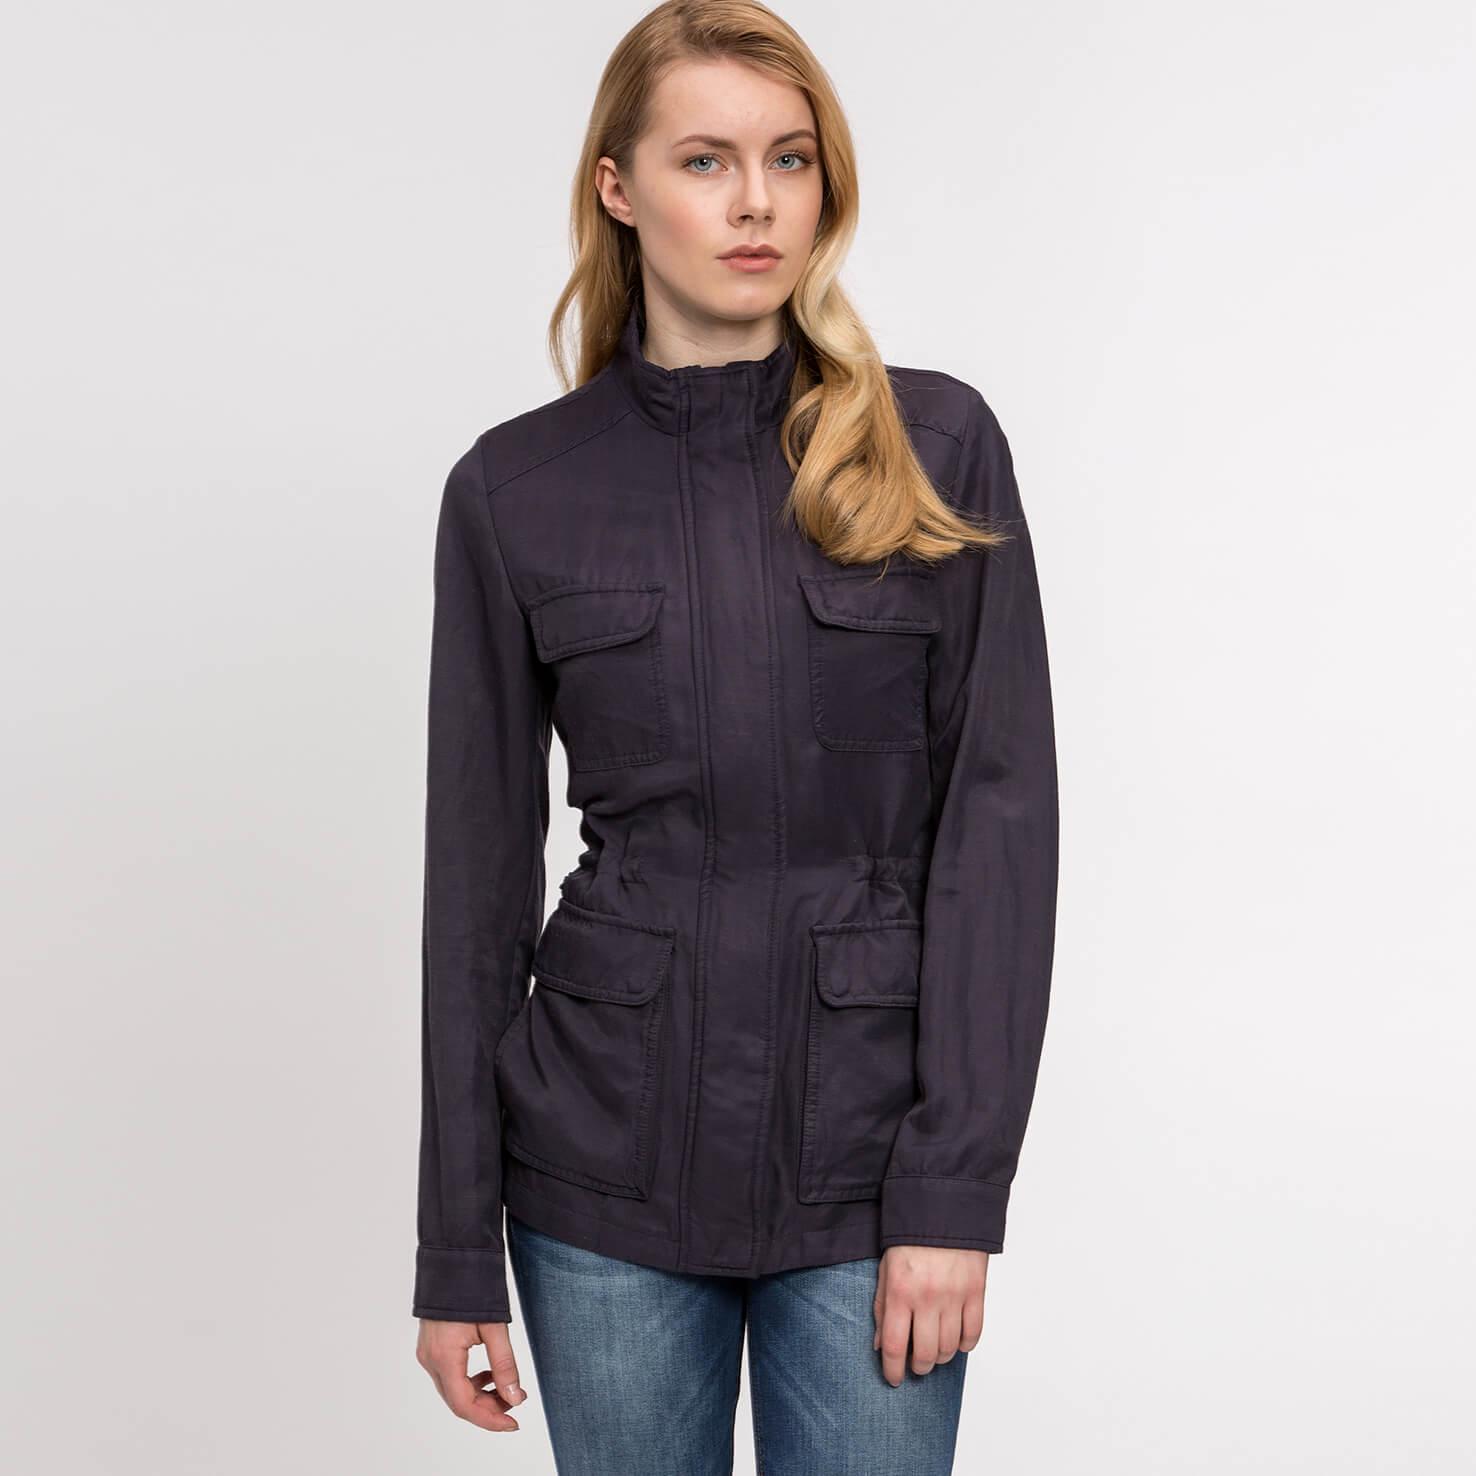 Куртка LacosteВерхняя одежда<br>Детали: стильная женская куртка с большими карманами  \ Материал: 67% вискоза 33% лен \ Страна производства: Польша